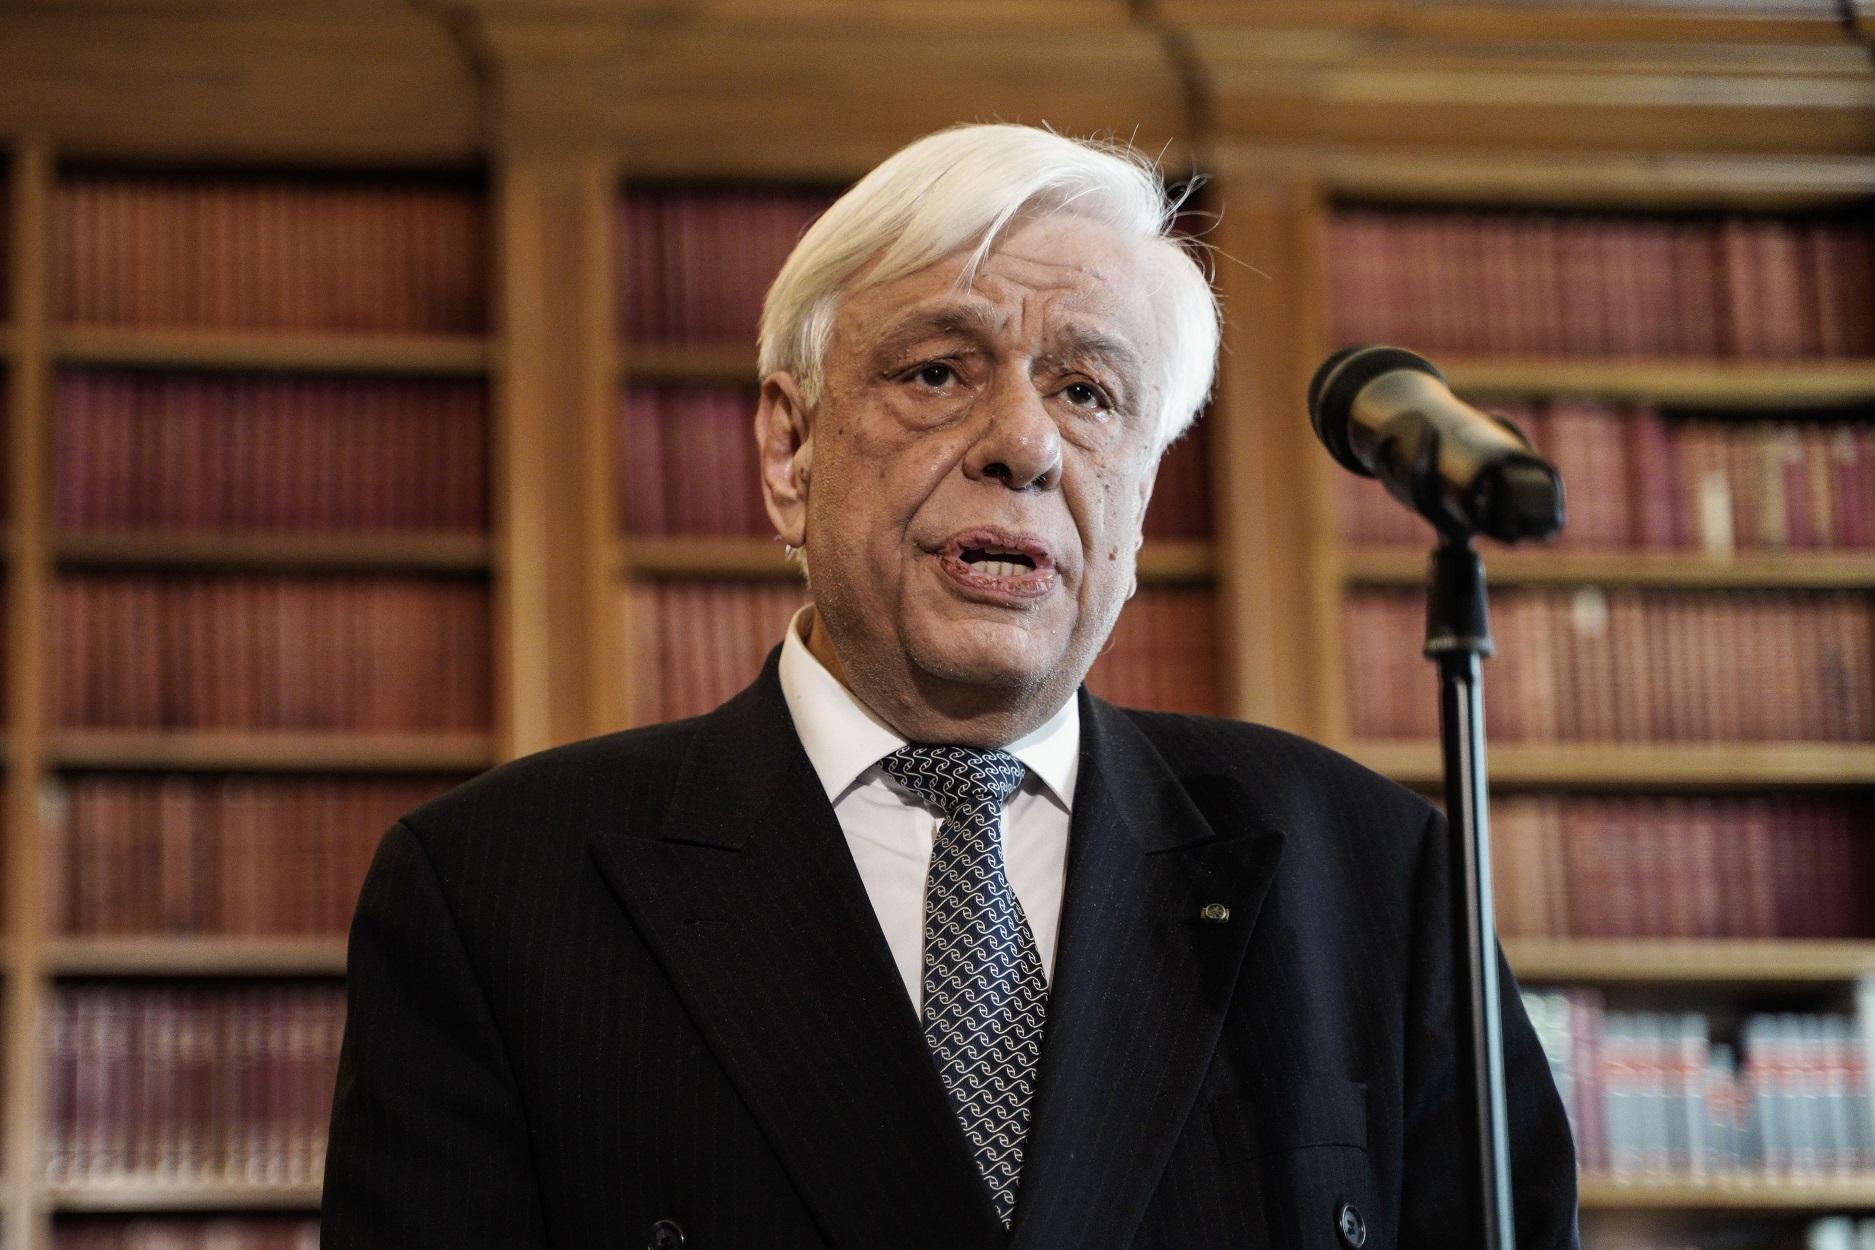 Παυλόπουλος: Η γερμανική πολιτική λιτότητας «φρένο» στην Ευρωπαϊκή Ολοκλήρωση